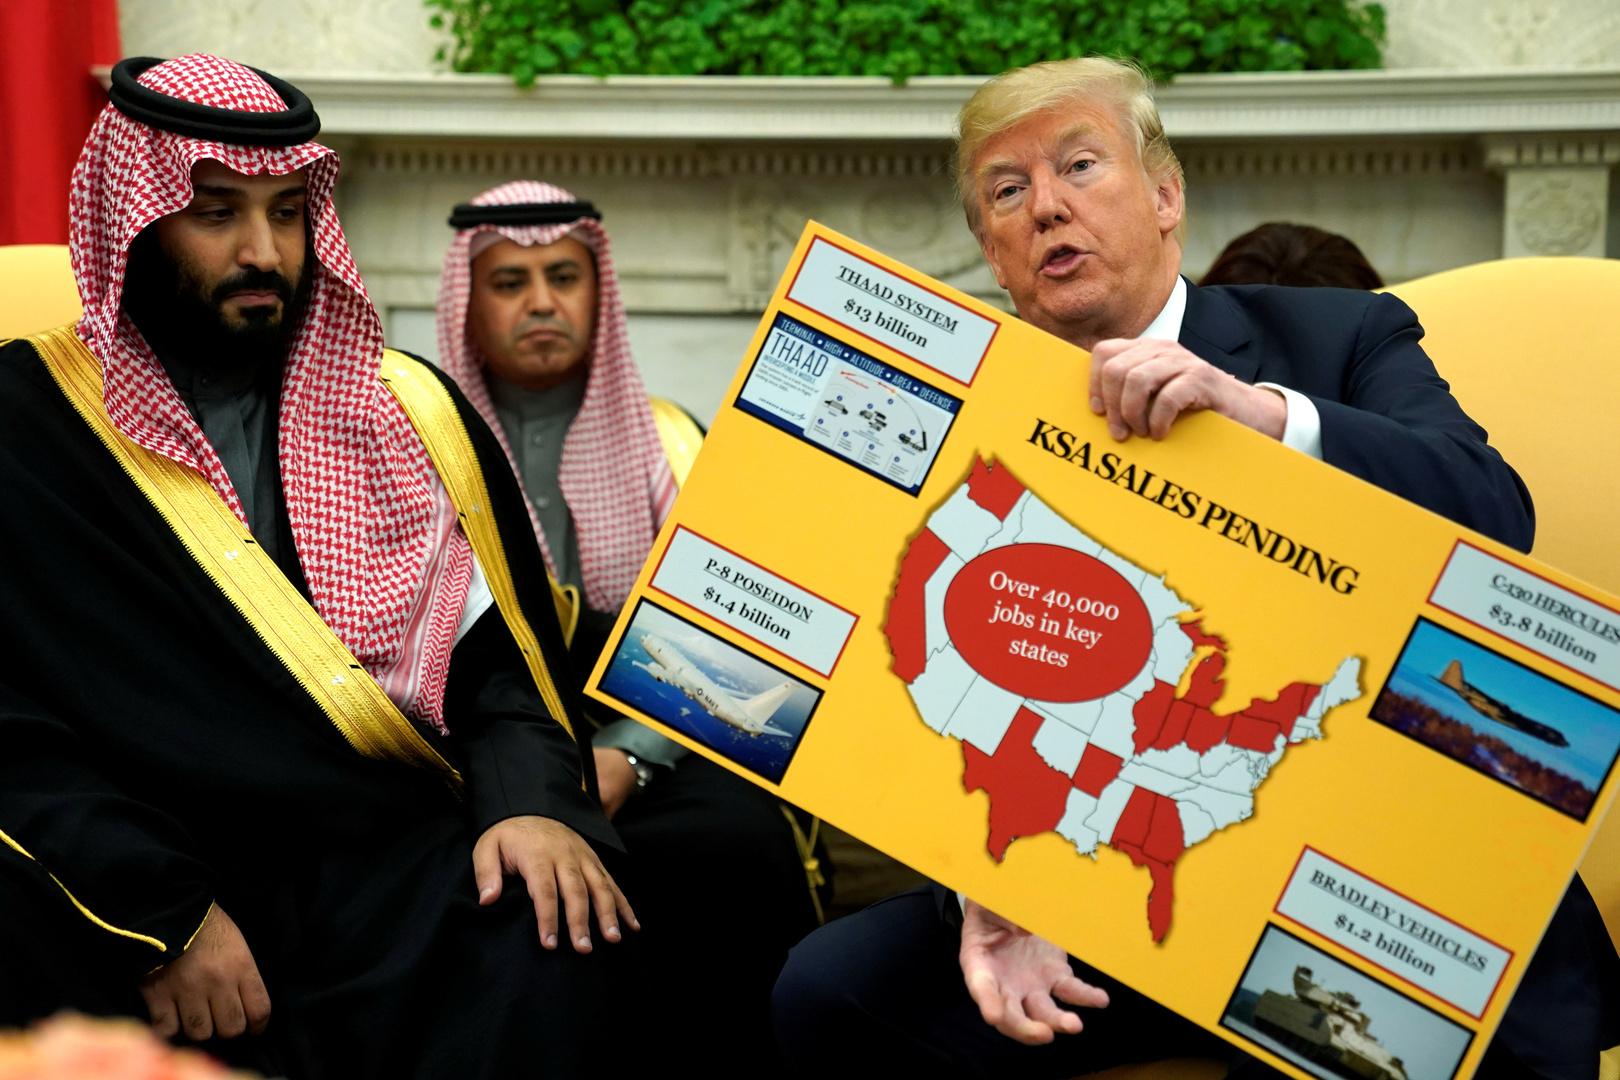 الرئيس الأمريكي دونالد ترامب يستقبل ولي العهد السعودي محمد بن سلمان في البيت الأبيض - صورة أرشيفية